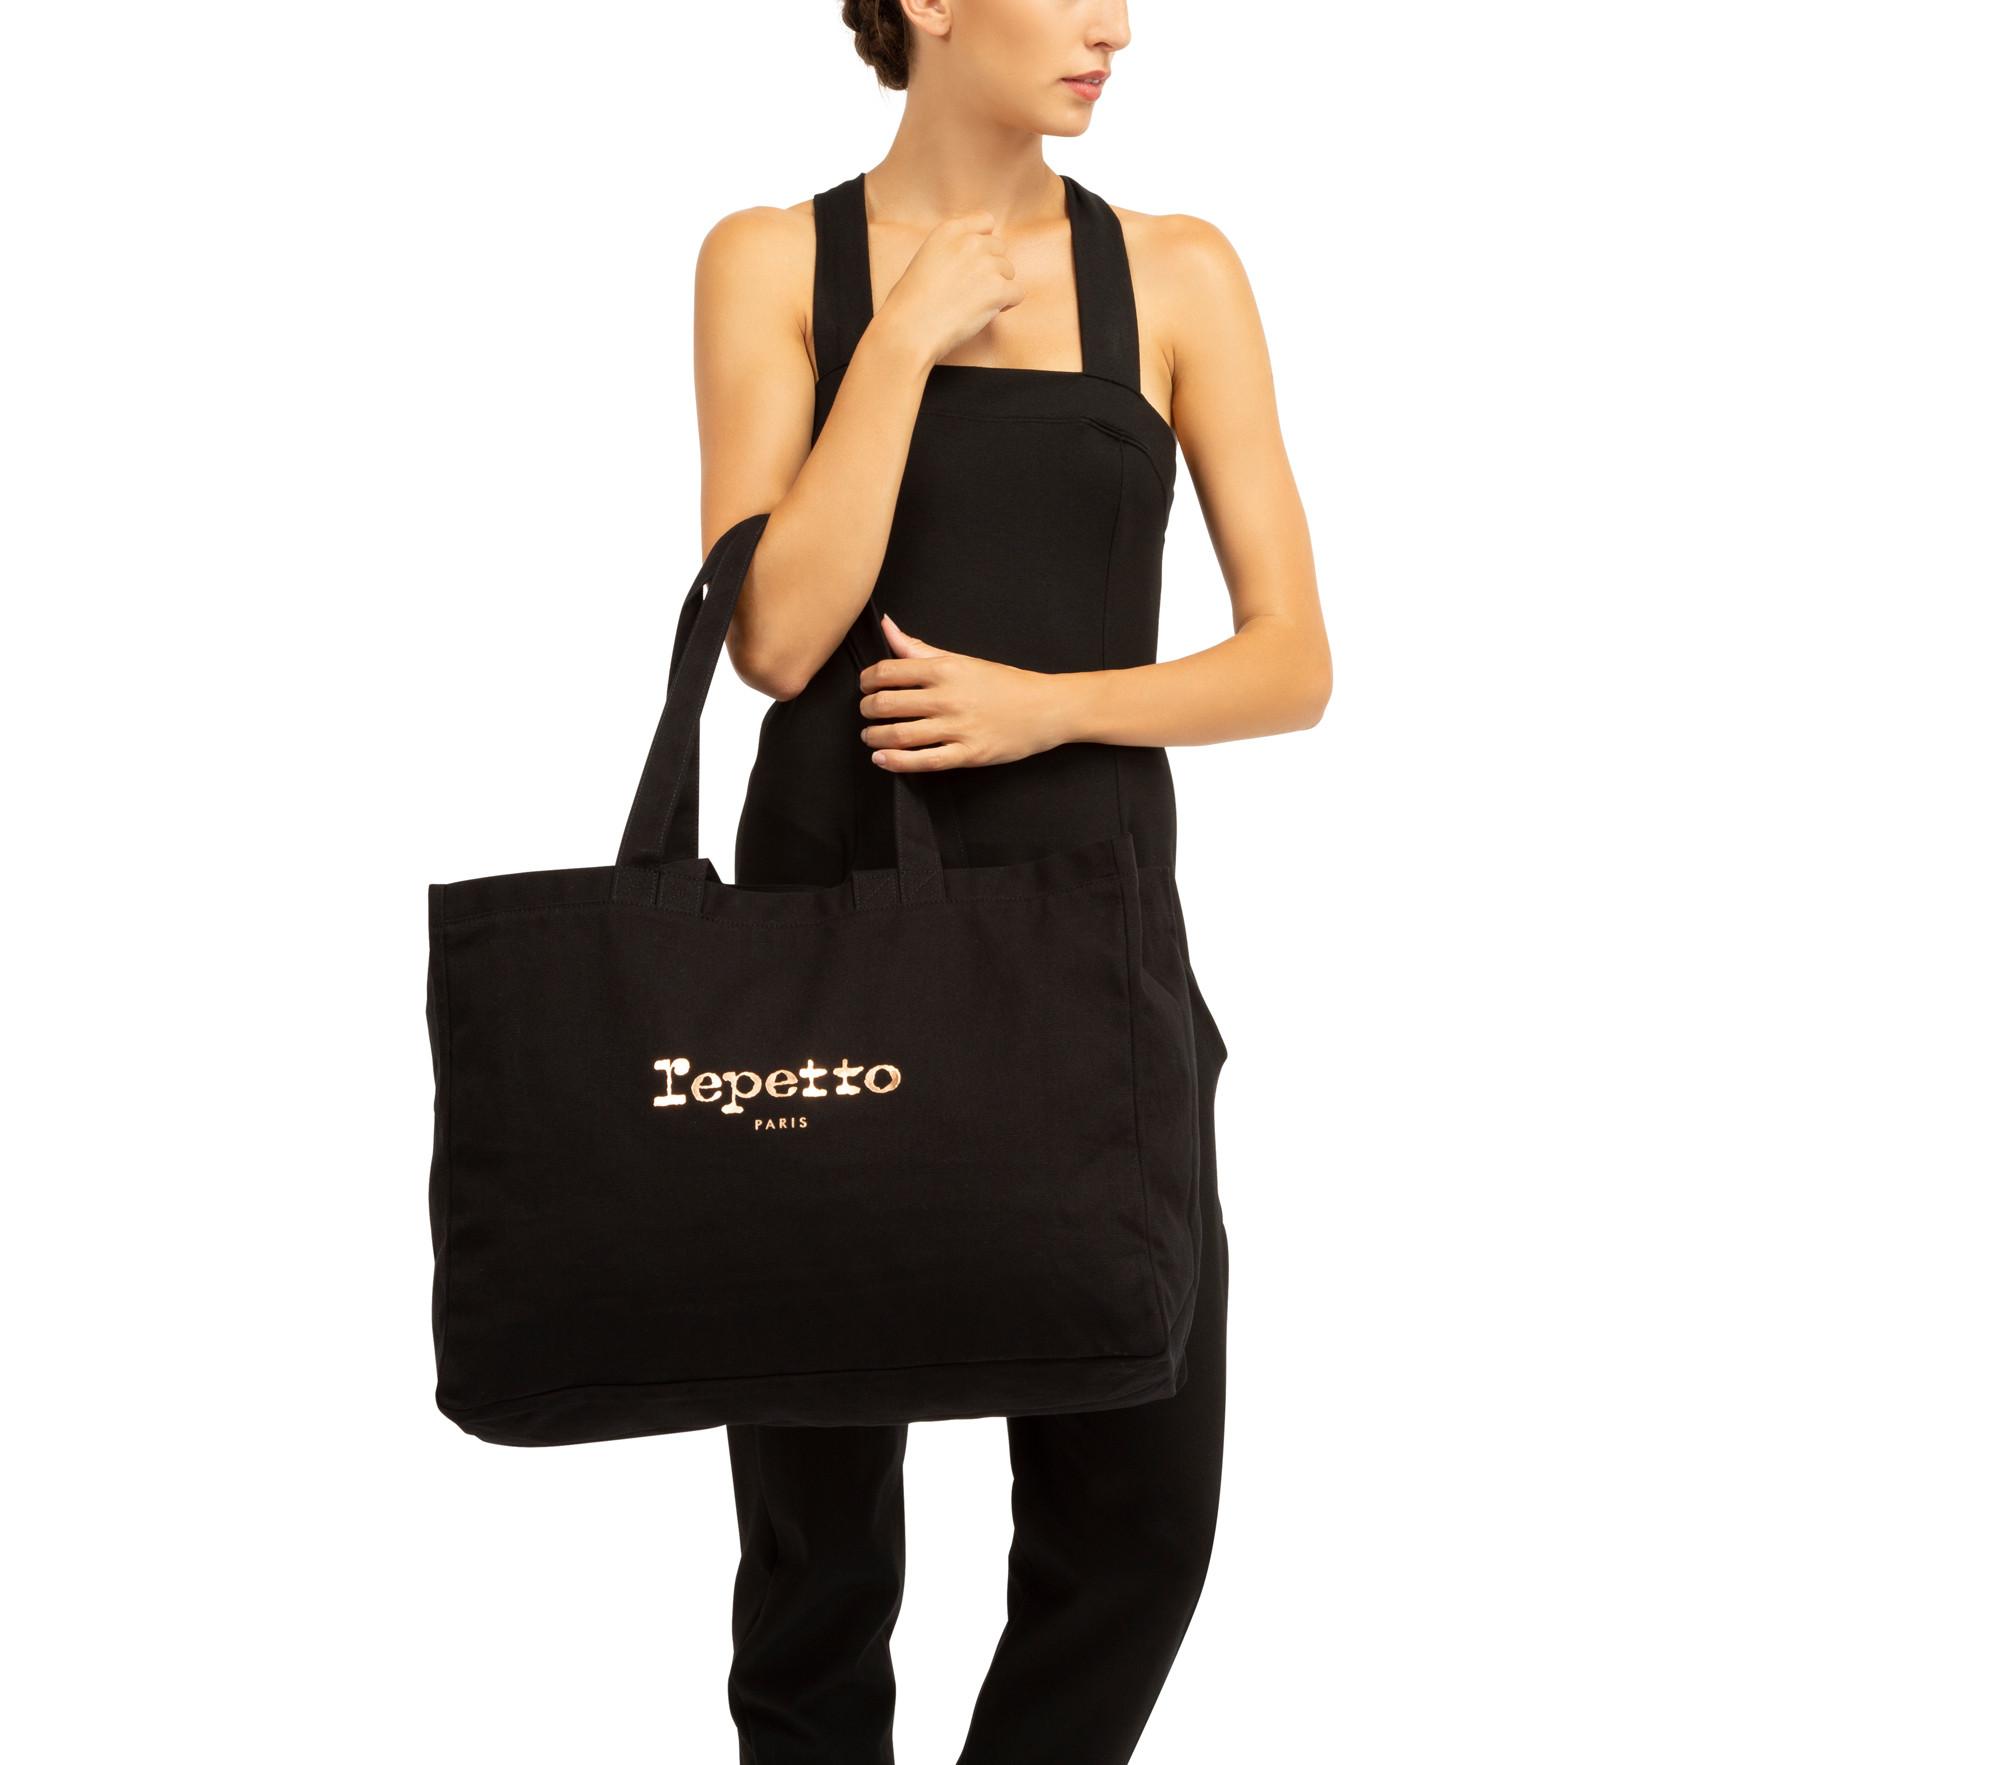 Danseuse shopping bag